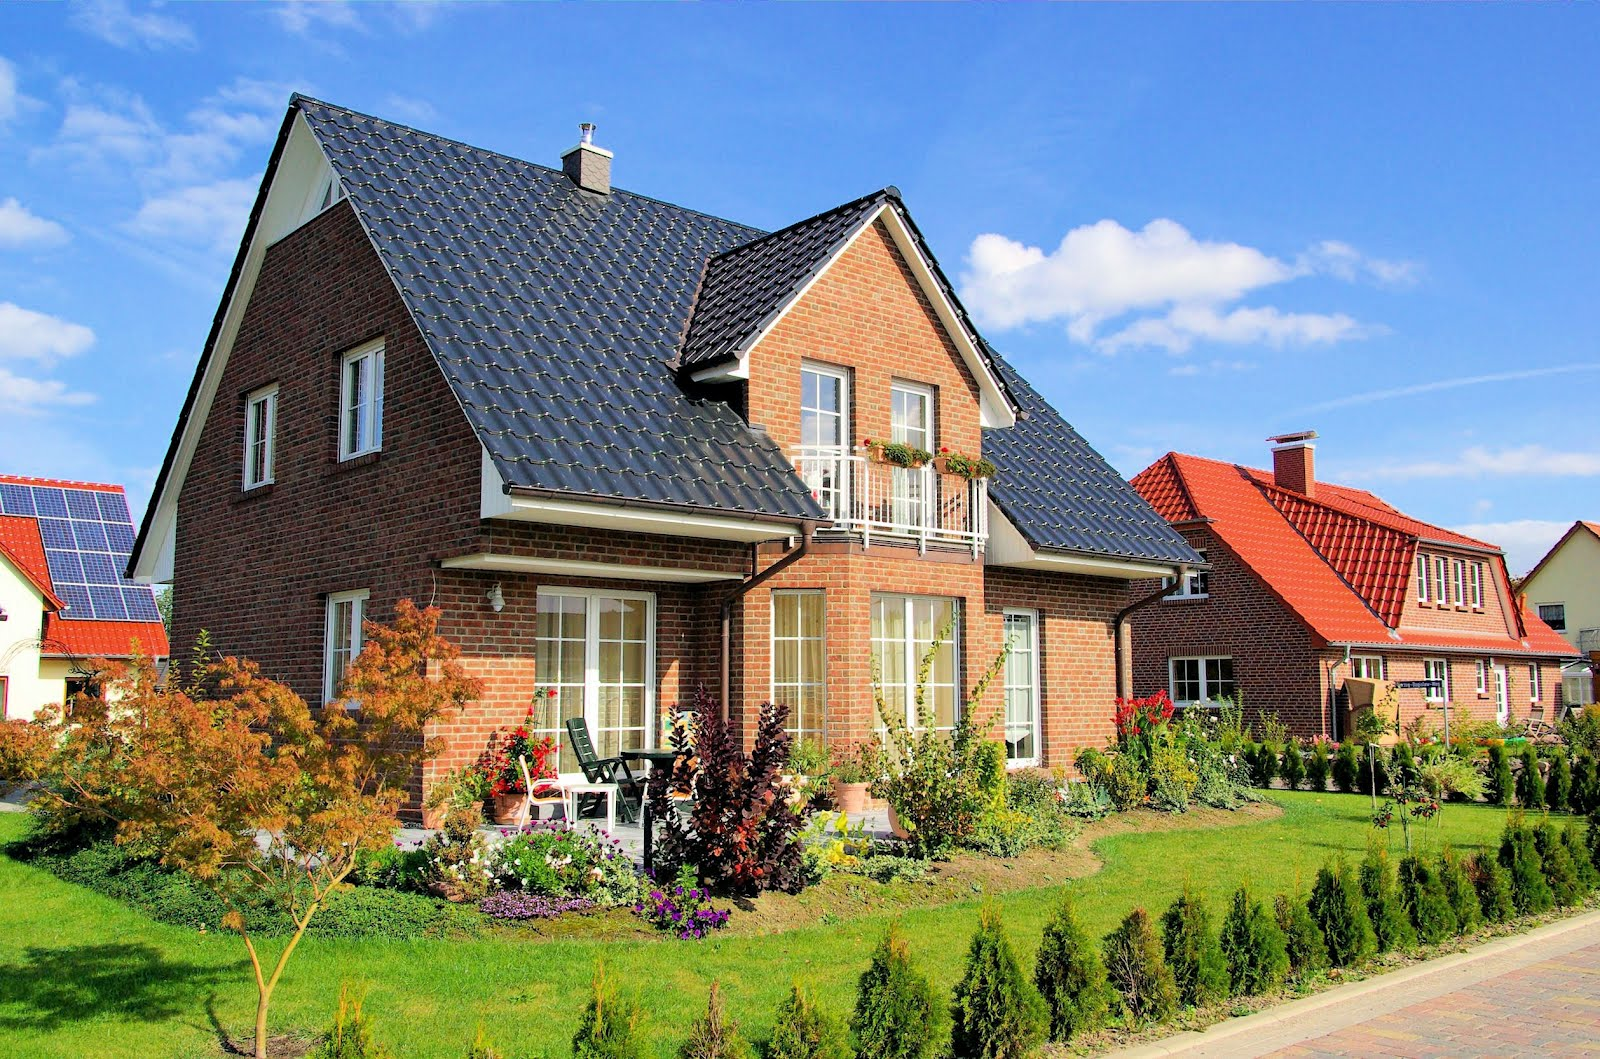 Casas bonitas y jardines con flores en el cielo azul for Fotos de jardines de casas modernas